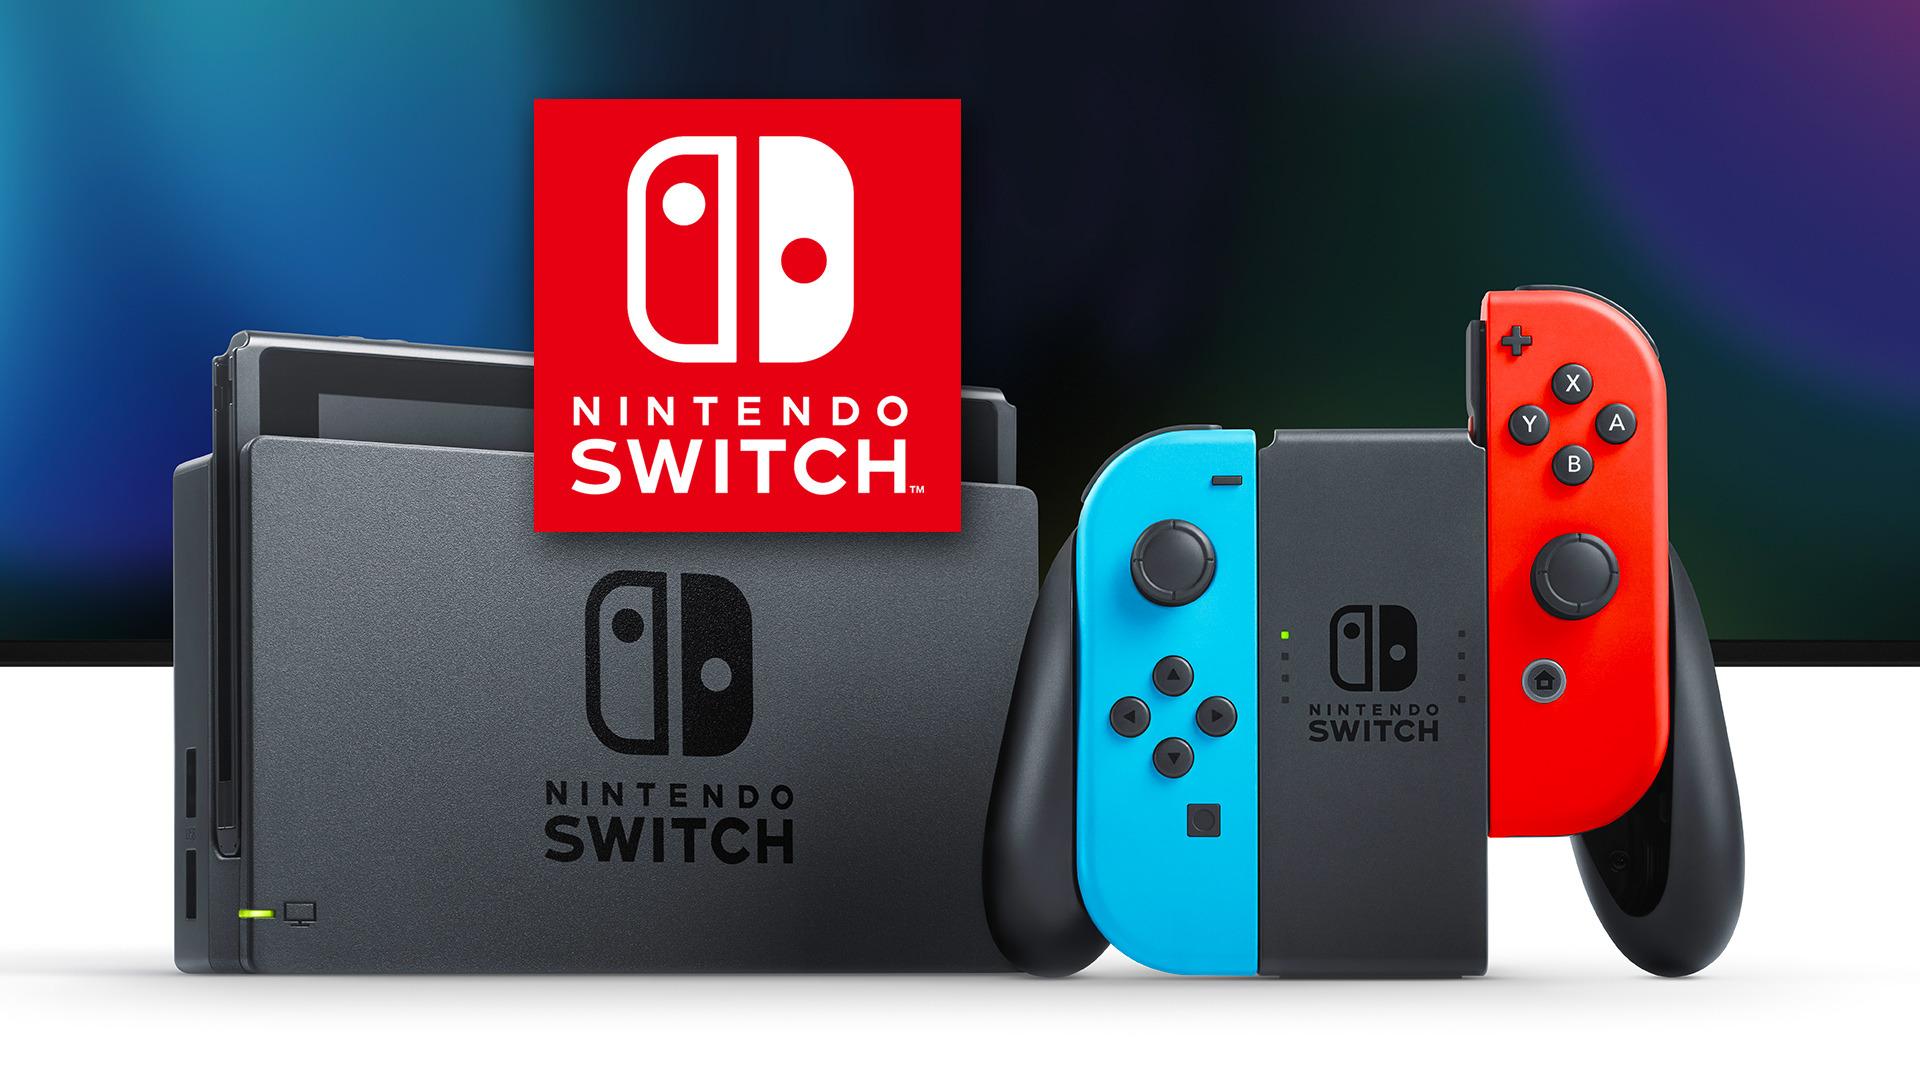 Nintendo Switch è stata protagonista del mercato videoludico sin dal lancio